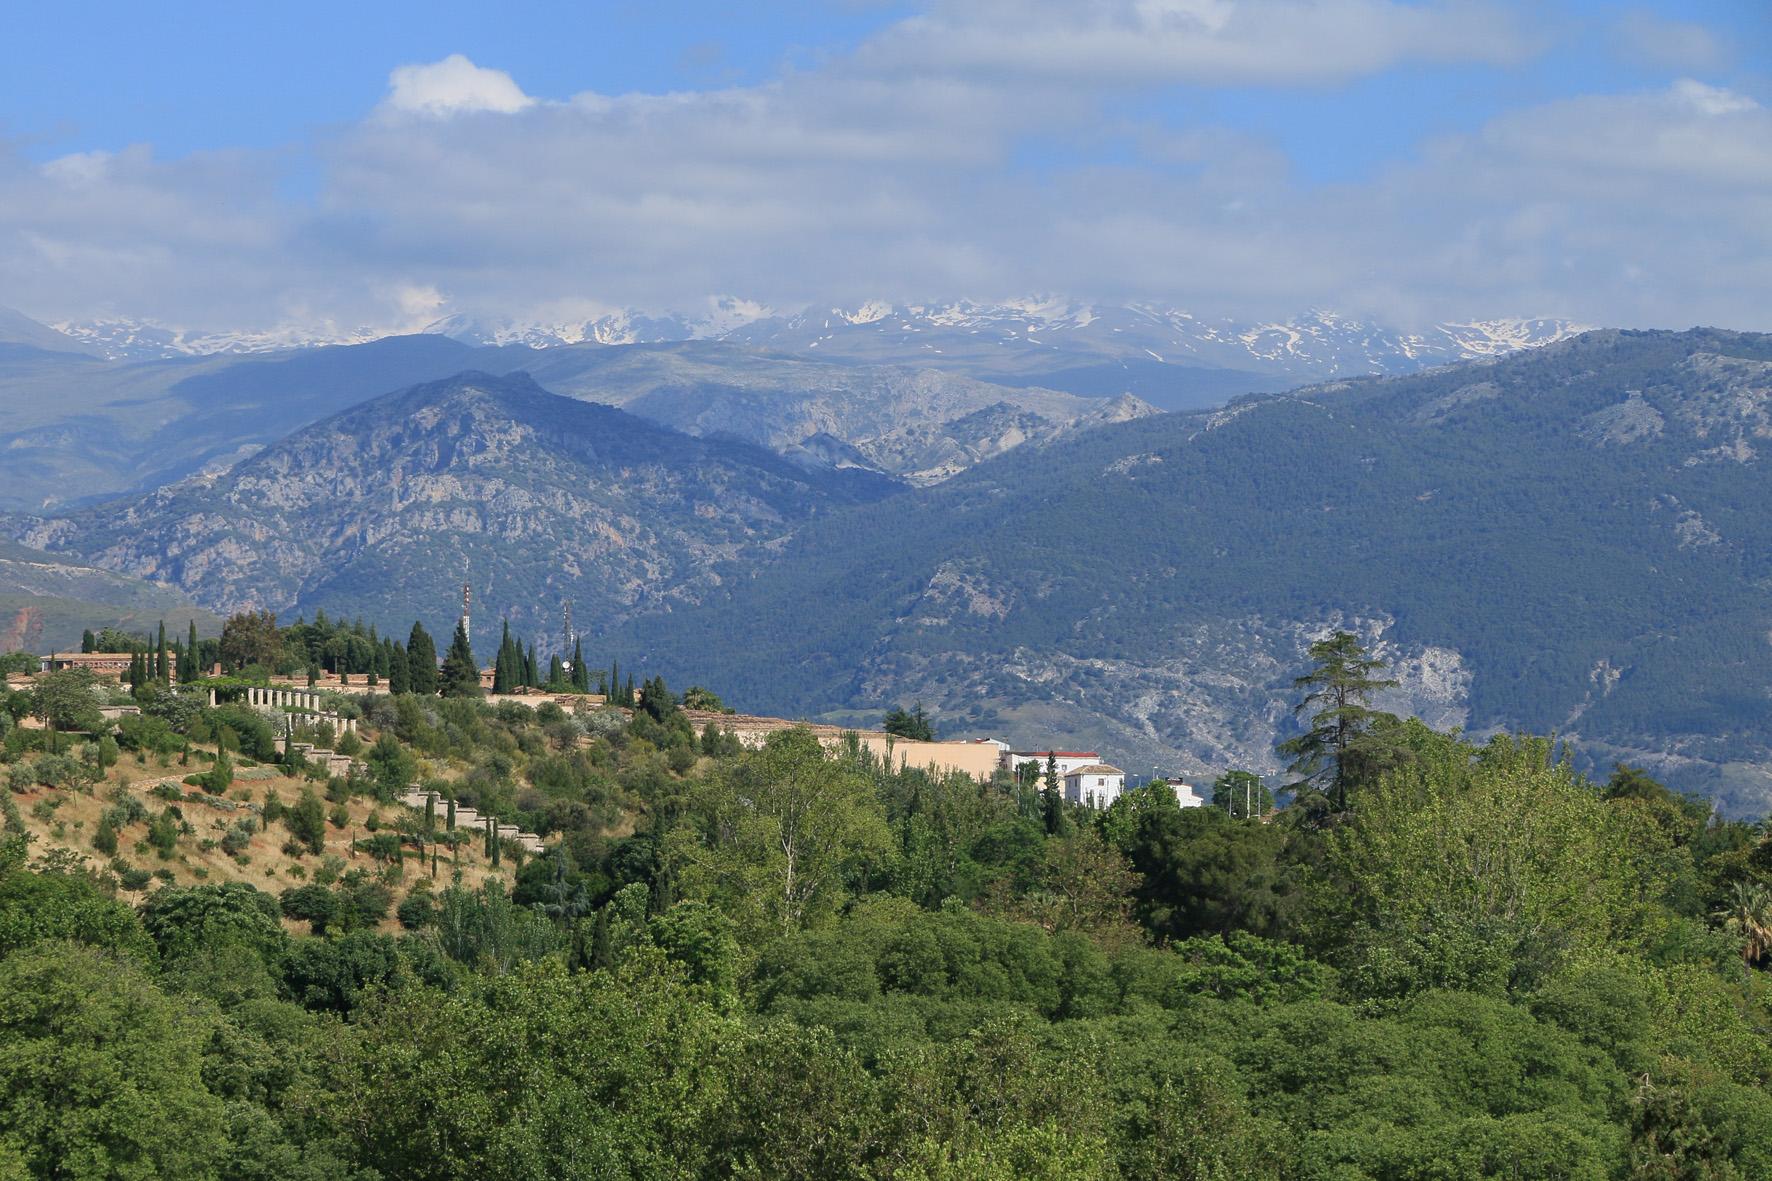 La UAL apuesta por el futuro sostenible de las regiones de montaña